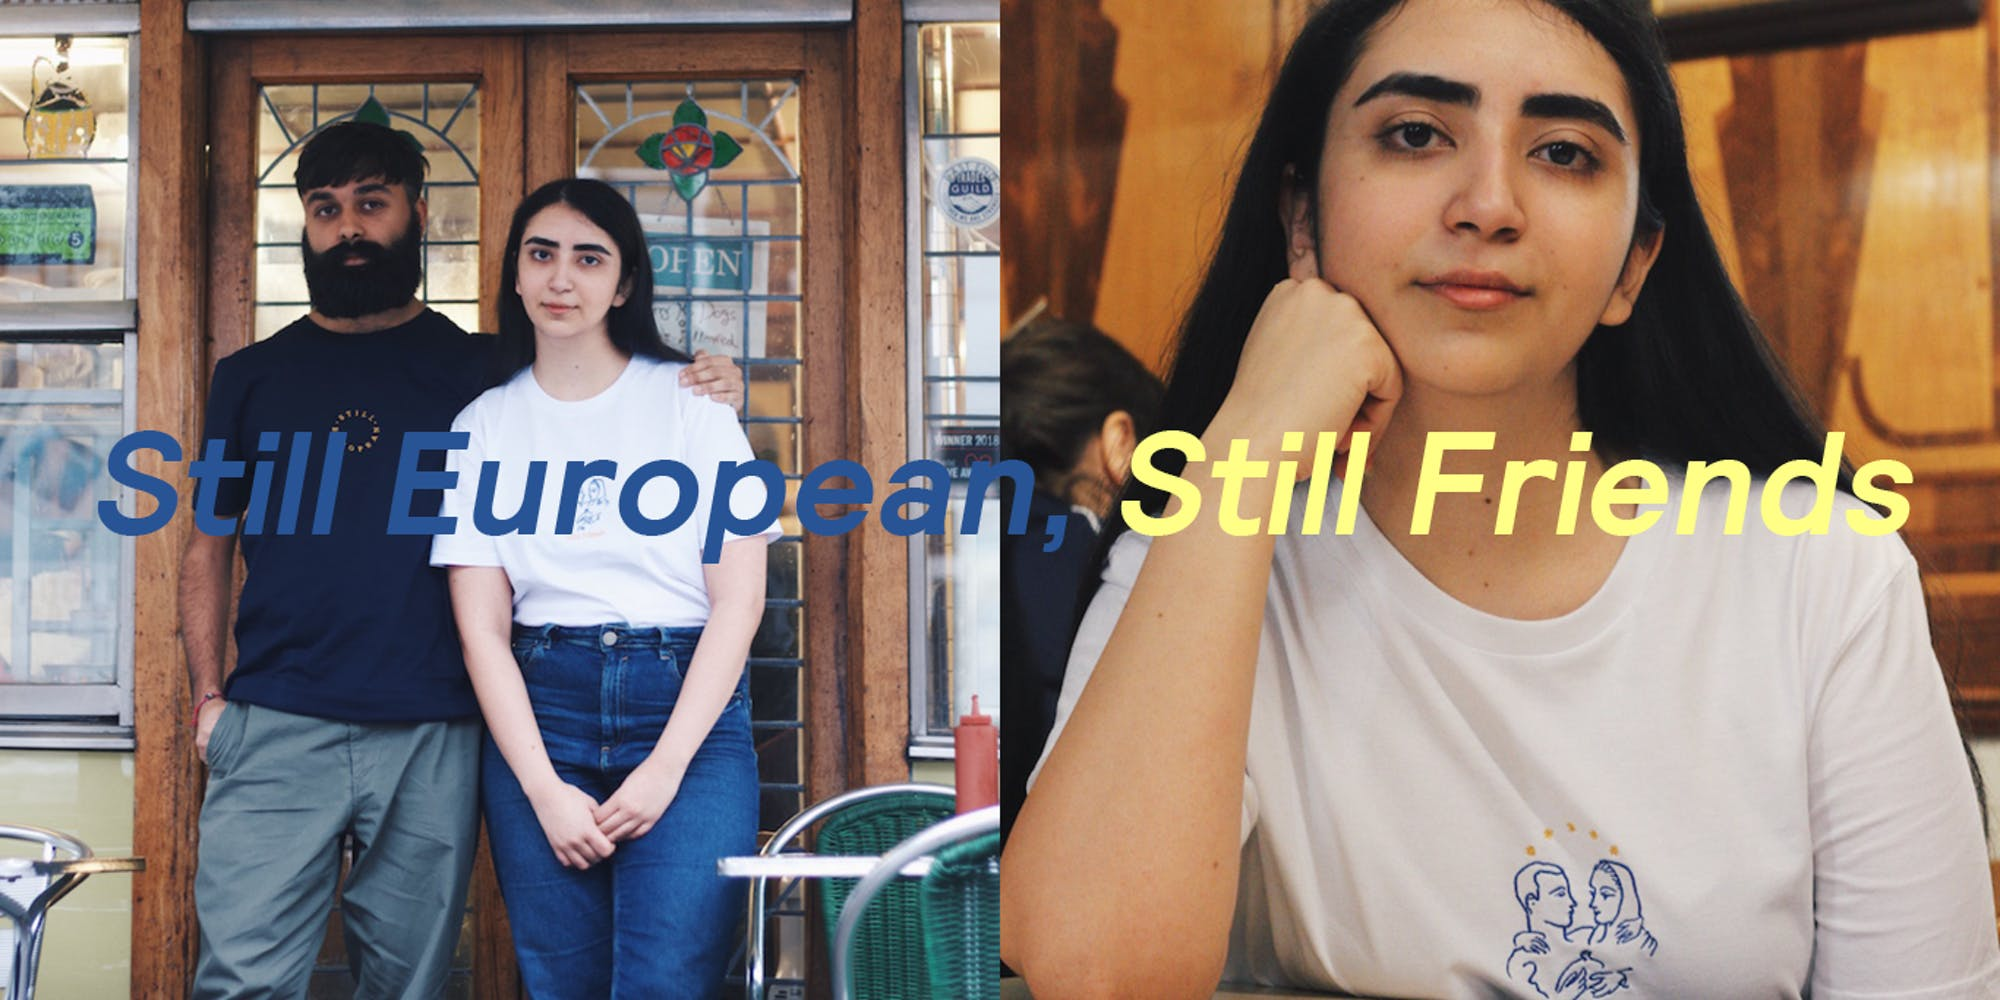 45c9e7b4 Still European, Still Friends: Reaffirming Community During Brexit £10 – £15